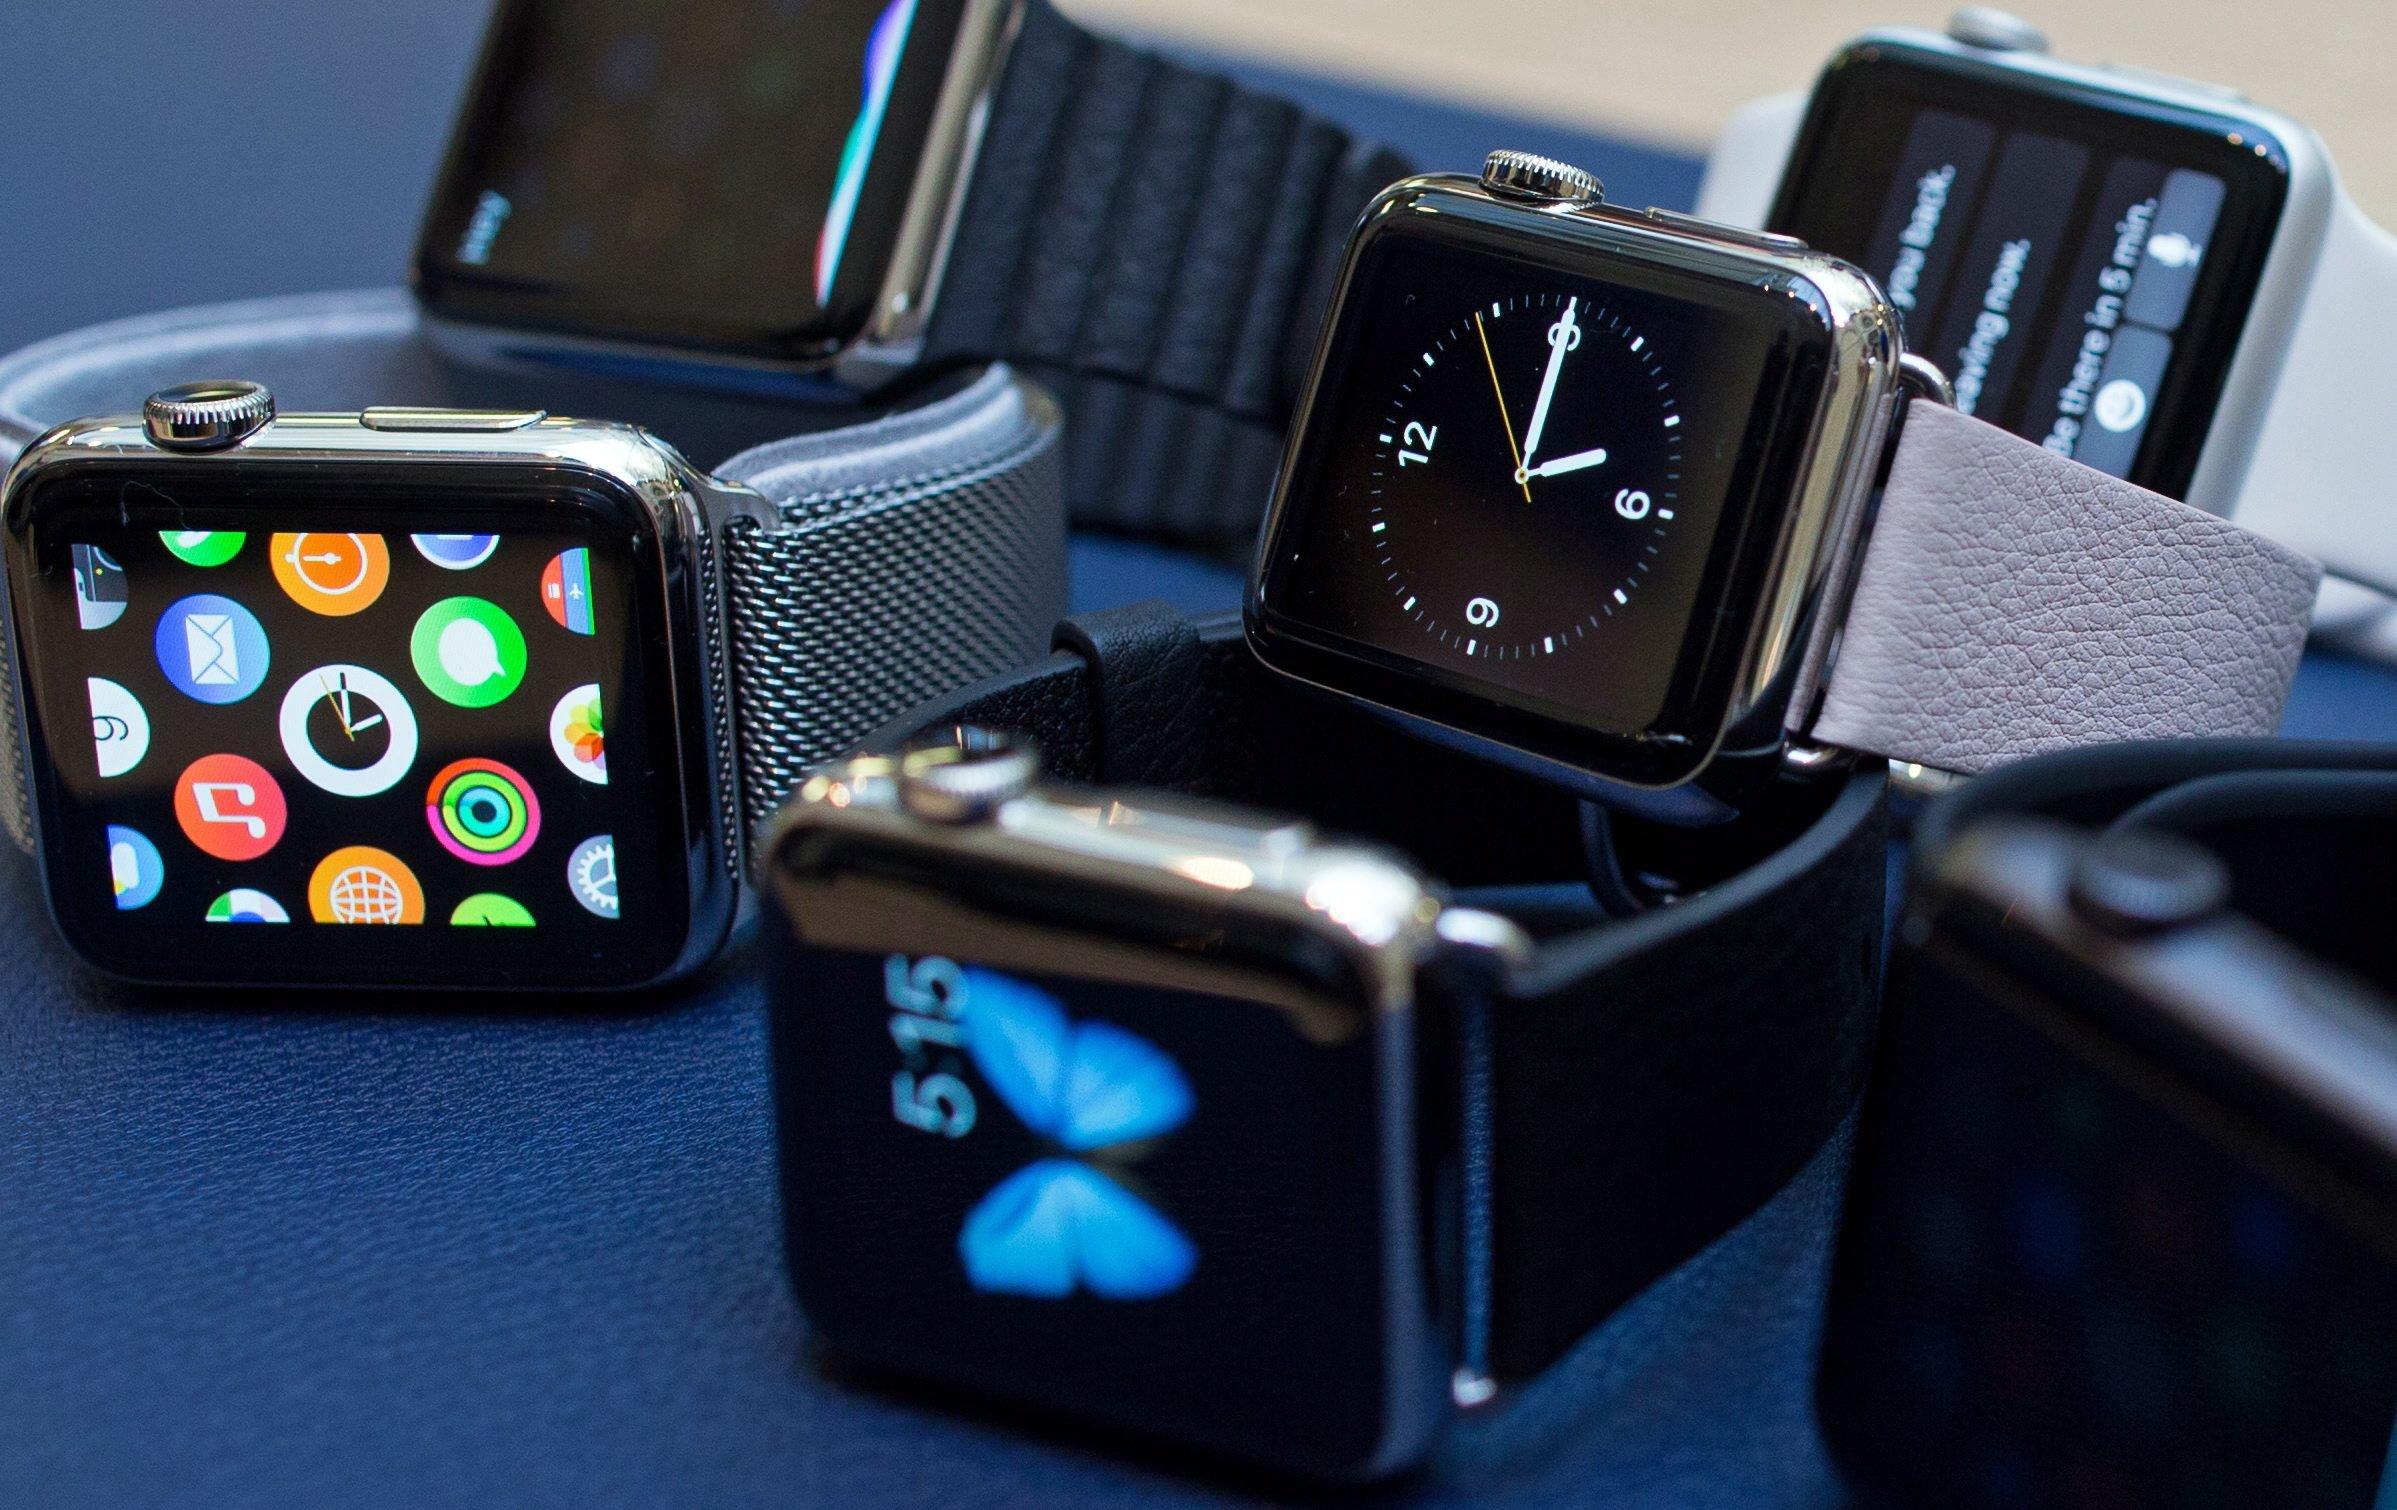 Die Apple Watch gibt es in verschiedenen Ausführungen. Am günstigsten ist die Sport-Version. Sie ist ab 399 € zu haben. Es gibt sie aber auch in Gelbgold – für 11.000 € aufwärts.